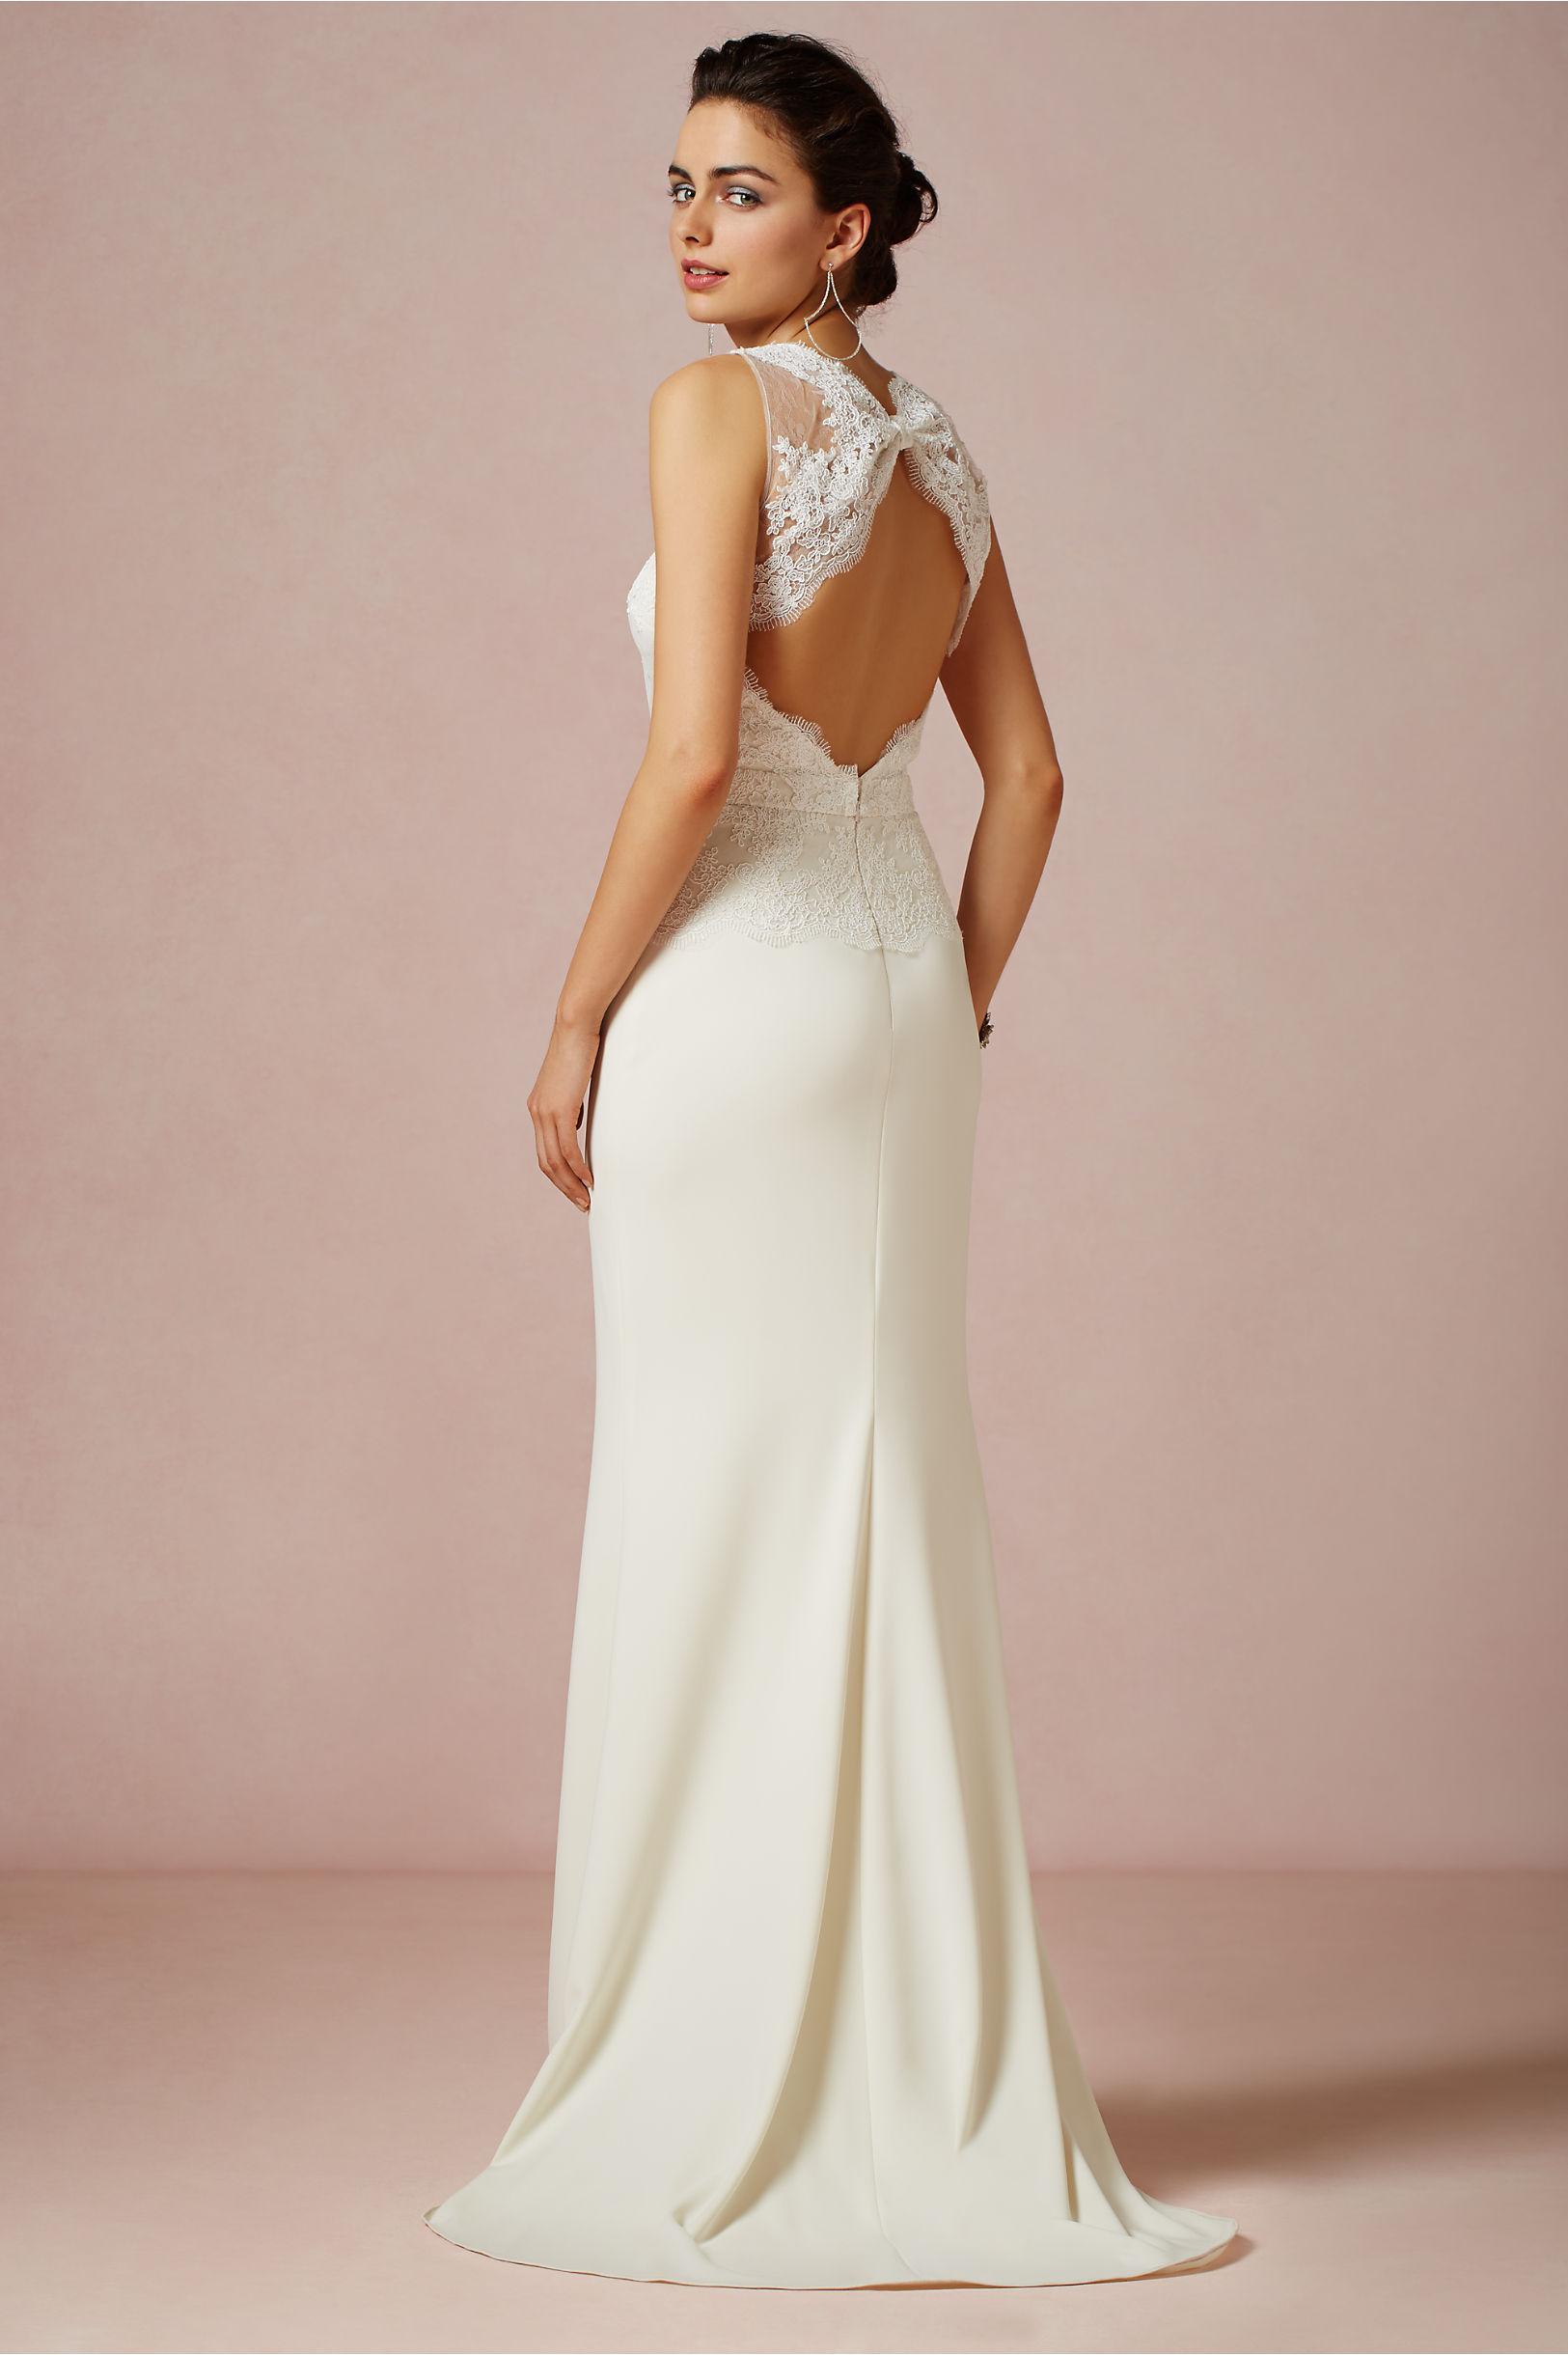 Odessa Gown in Bride | BHLDN